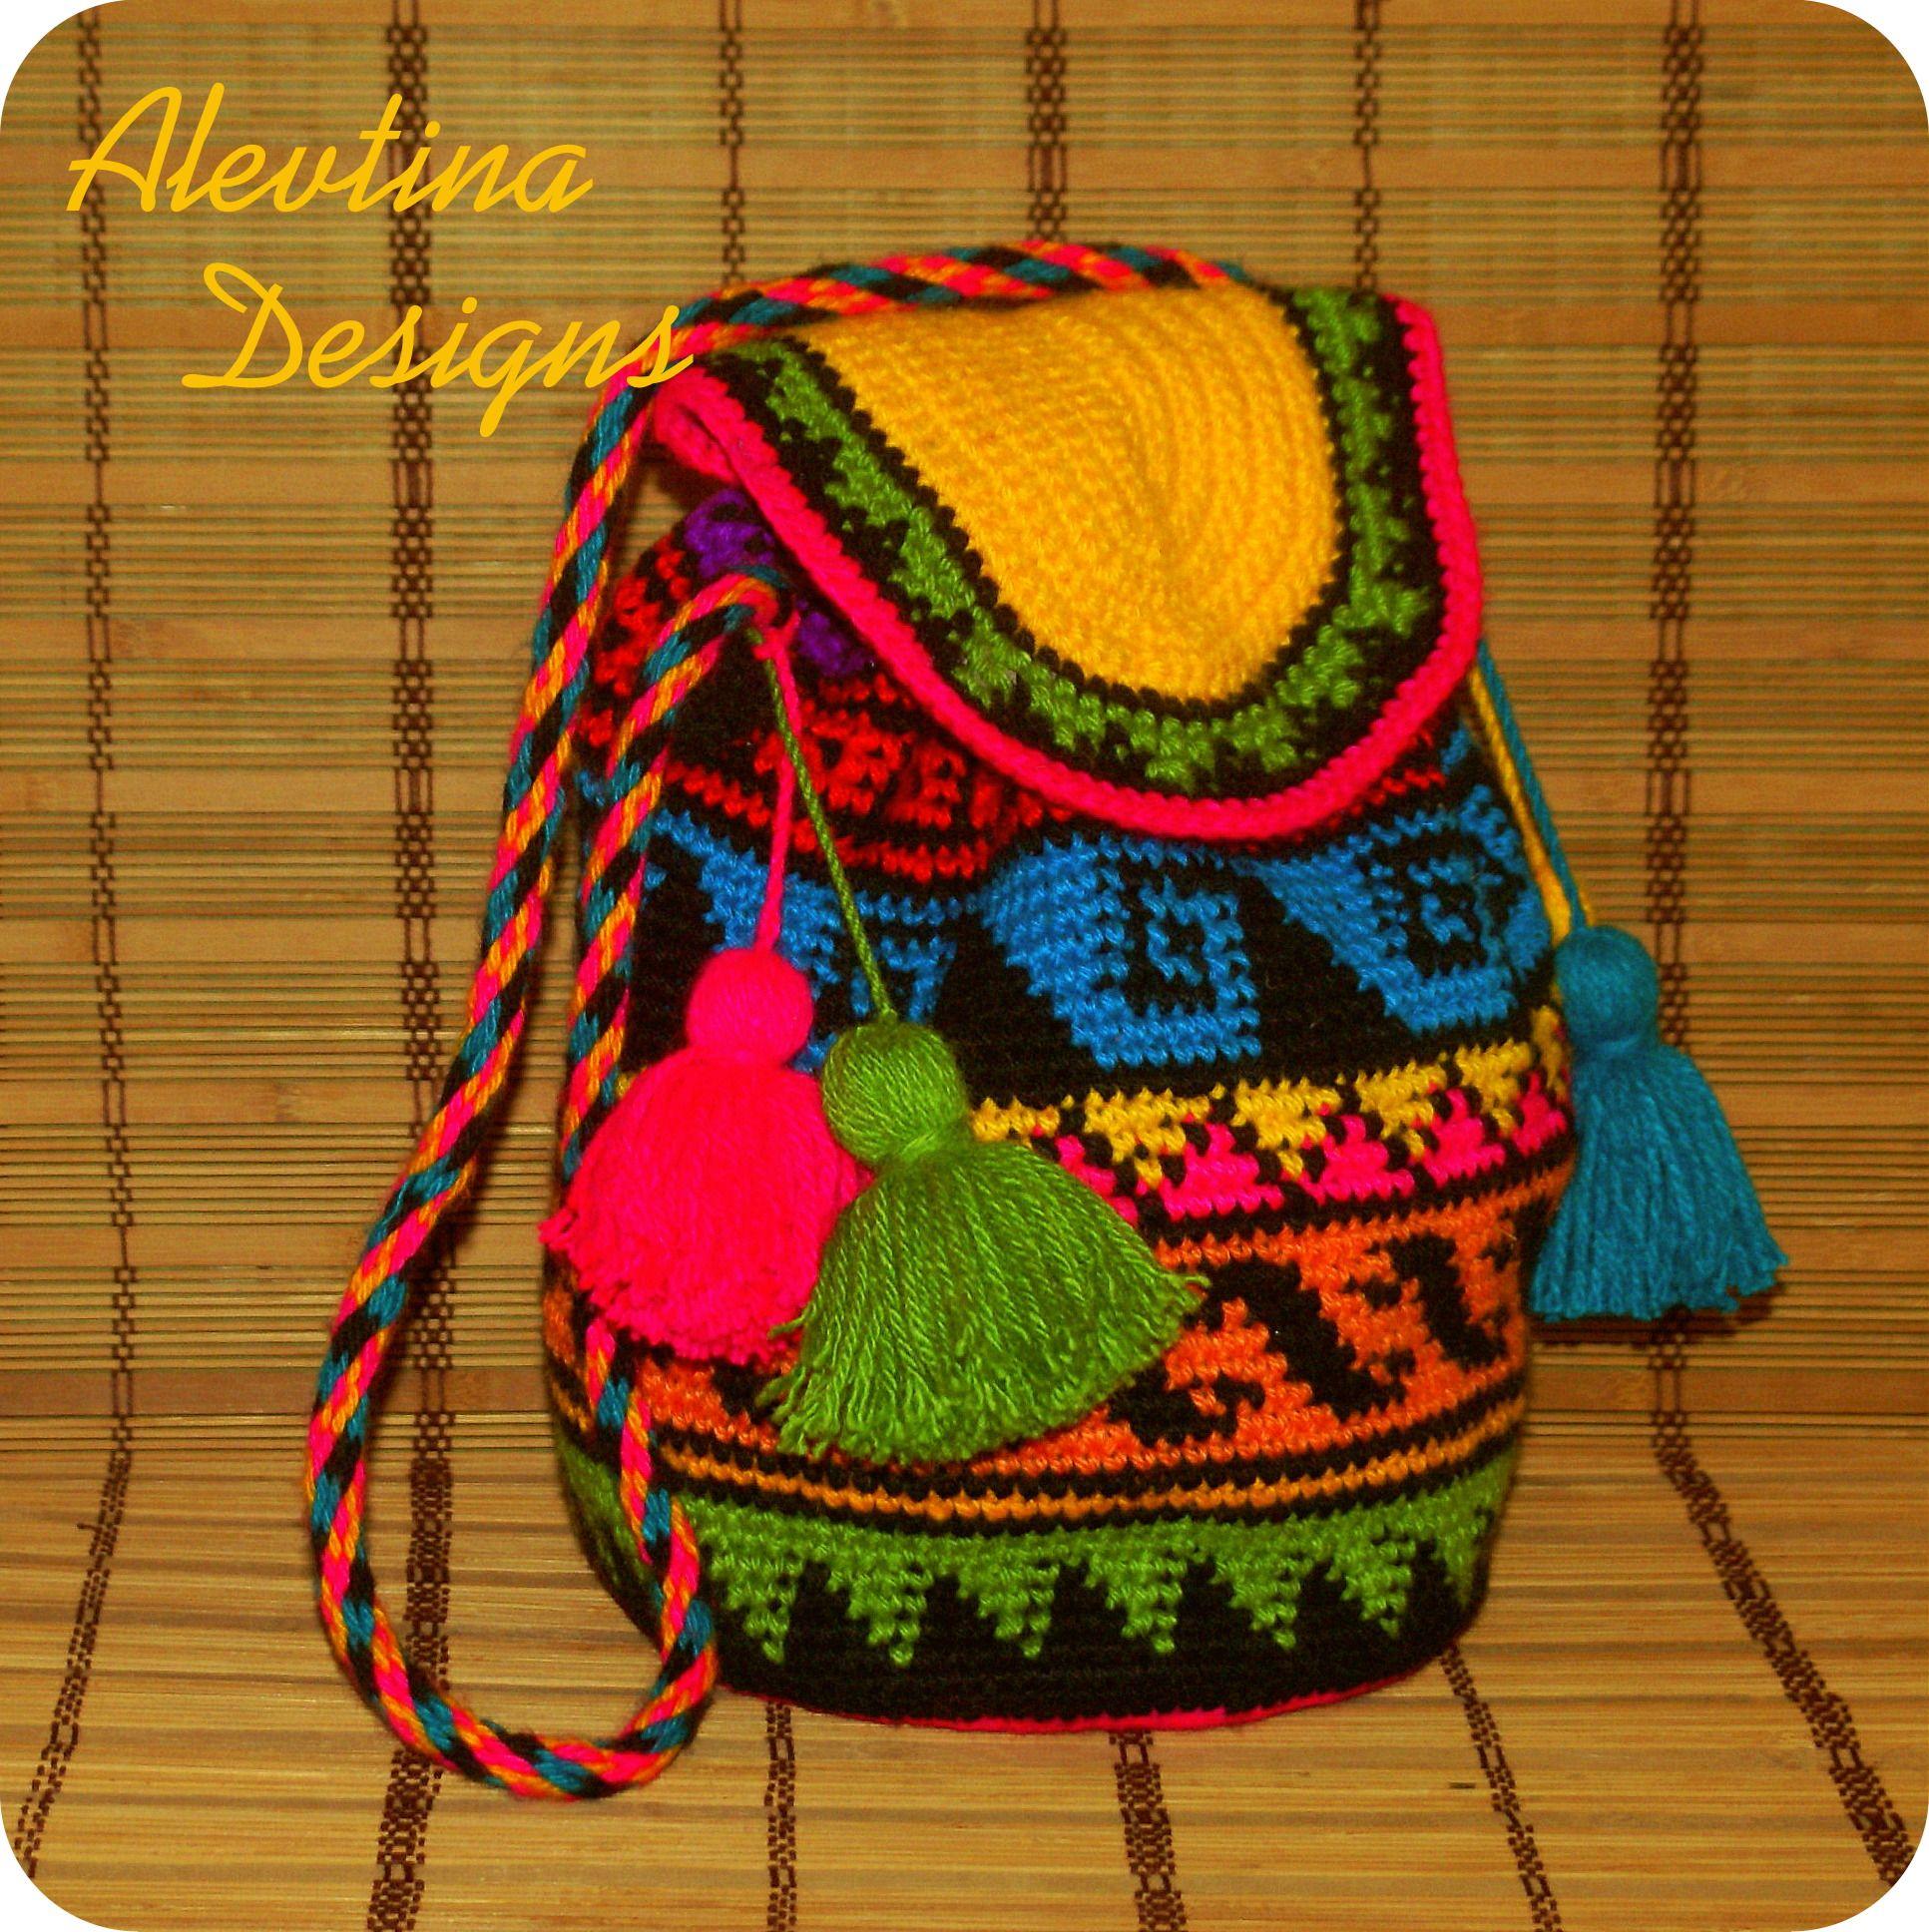 mochila_bag #mochila_tote #Tapestry_crochet #my_crochet_bag ...